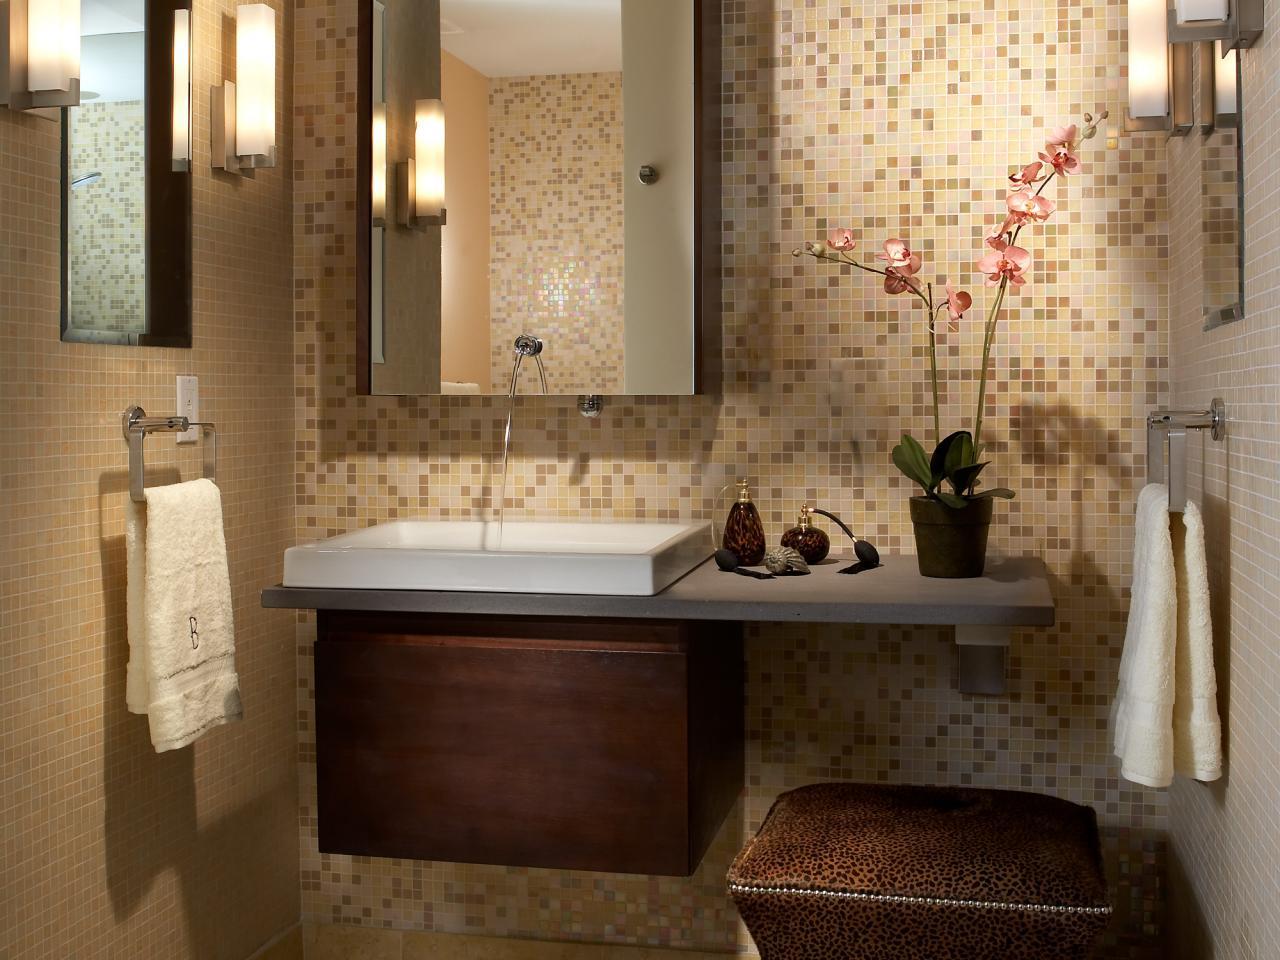 dp-pubillones-bathroom-vanity_02_s4x3.jpg.rend.hgtvcom.1280.960